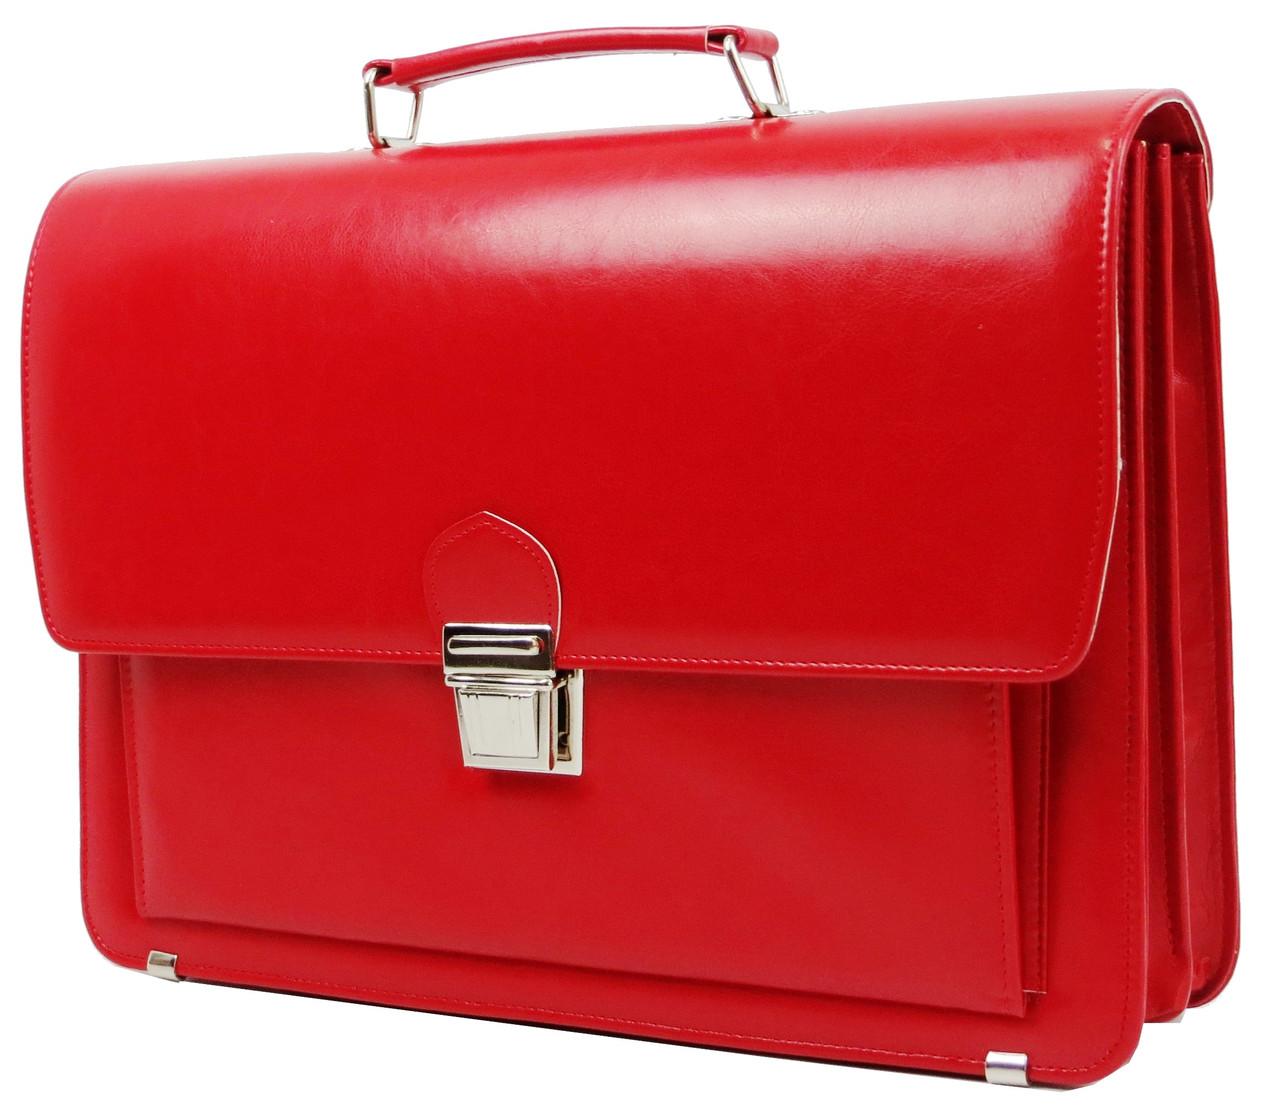 Женский портфель из искусственной кожи AMO Красный (SST09 red)